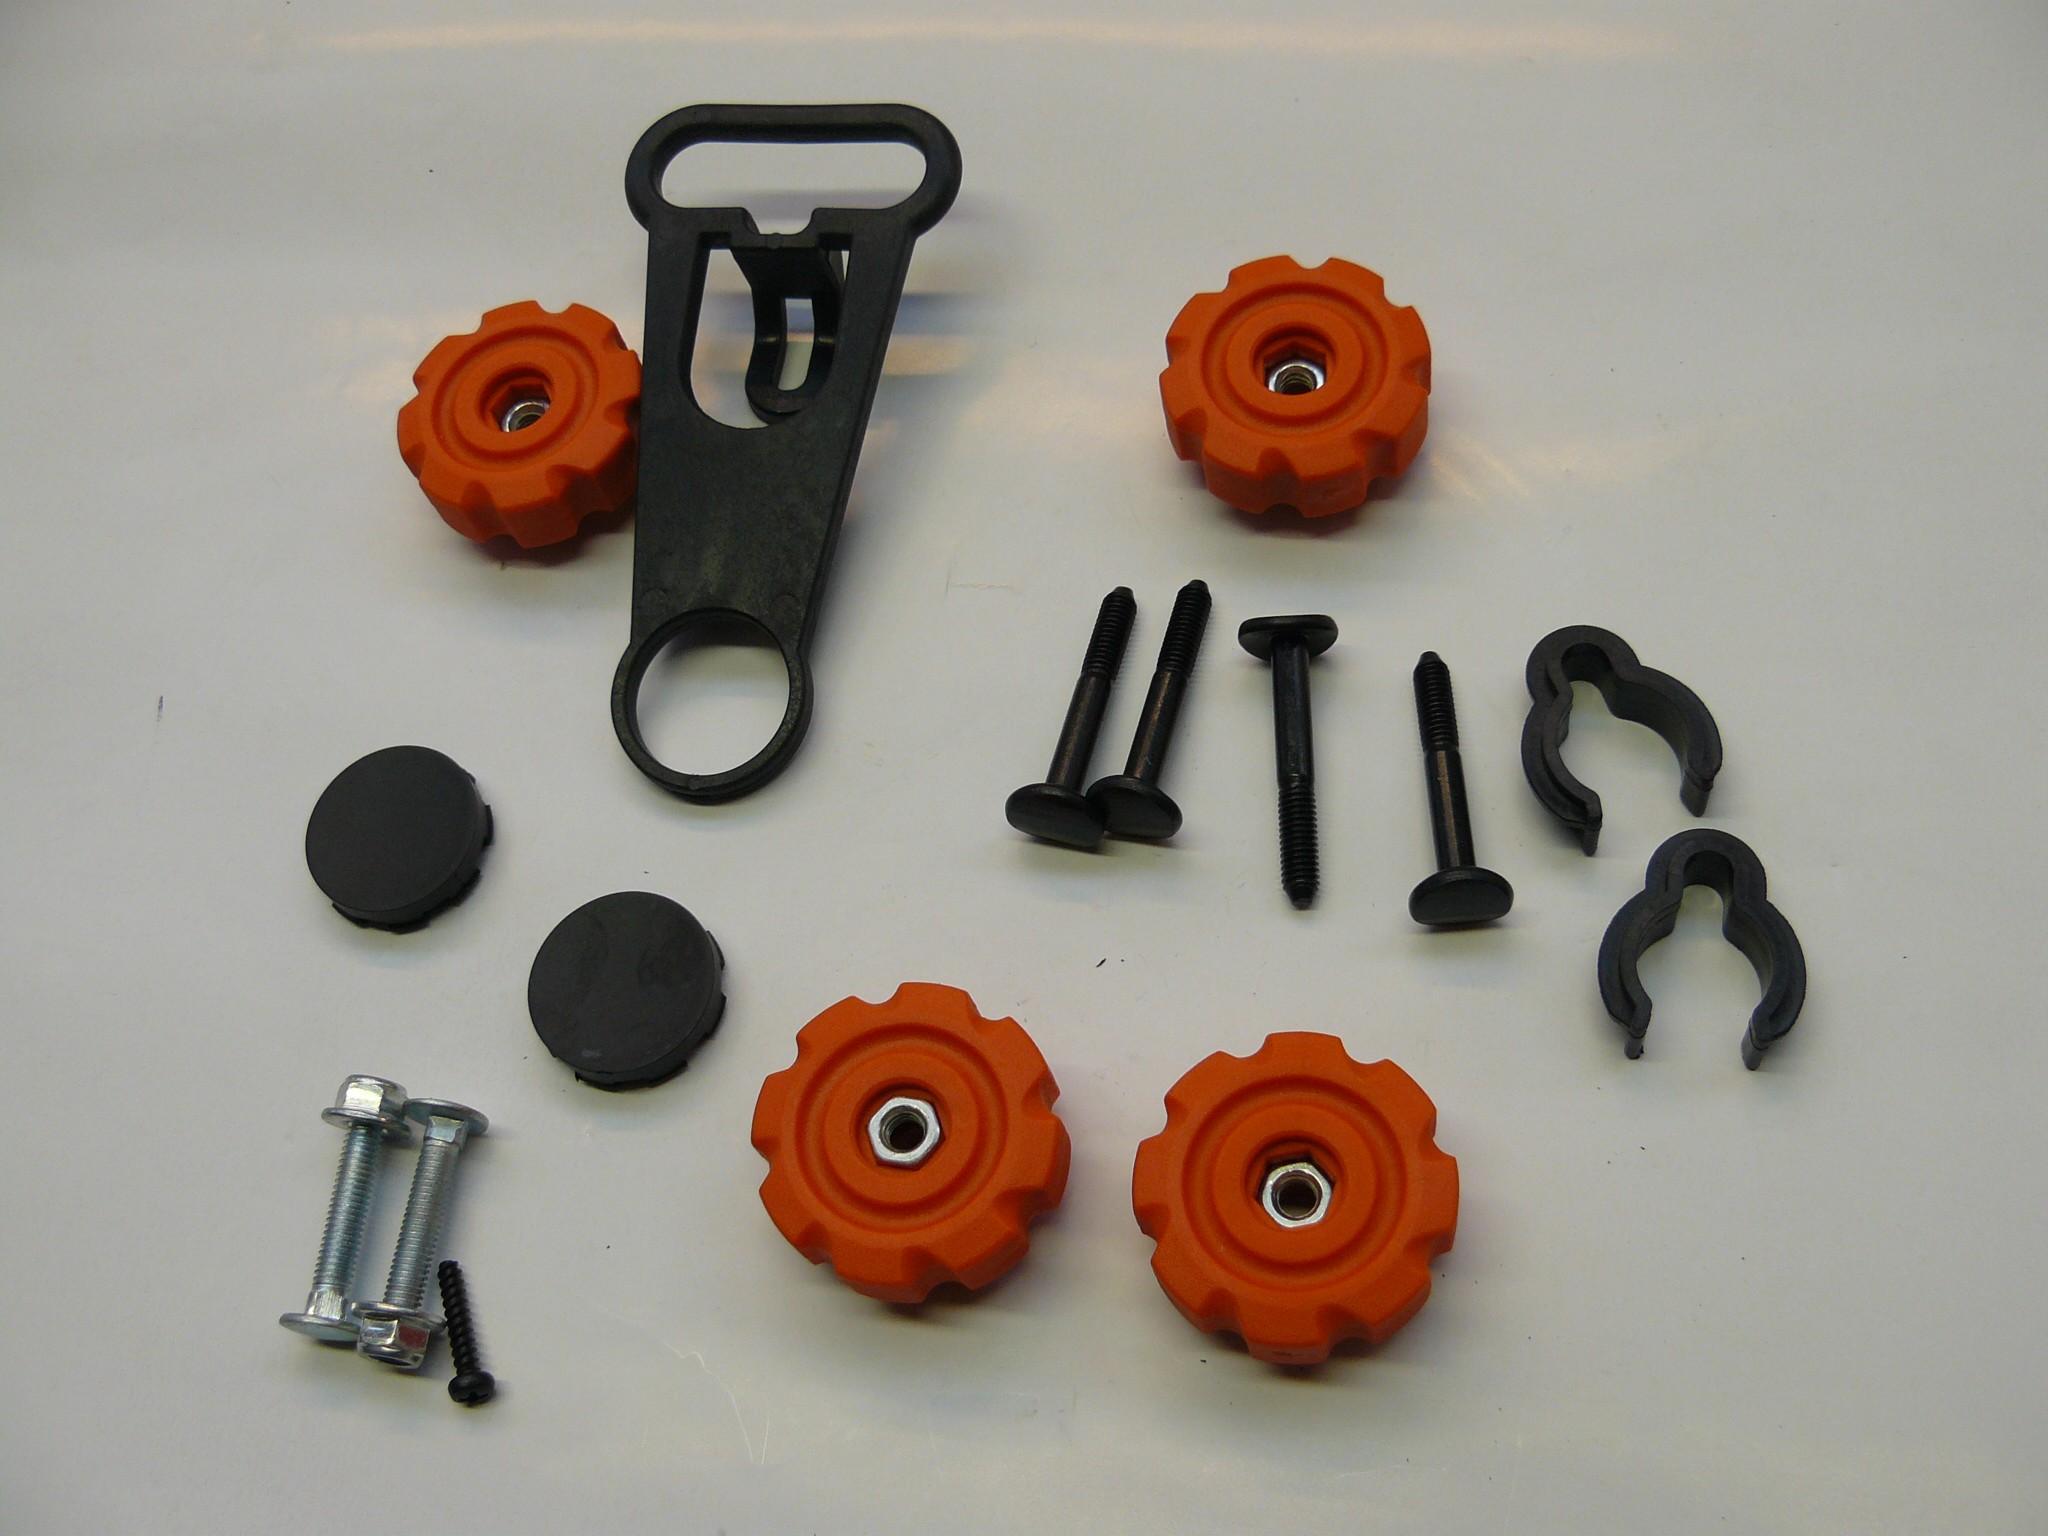 kit de montage 31011333 - Spare part SWAP-europe.com